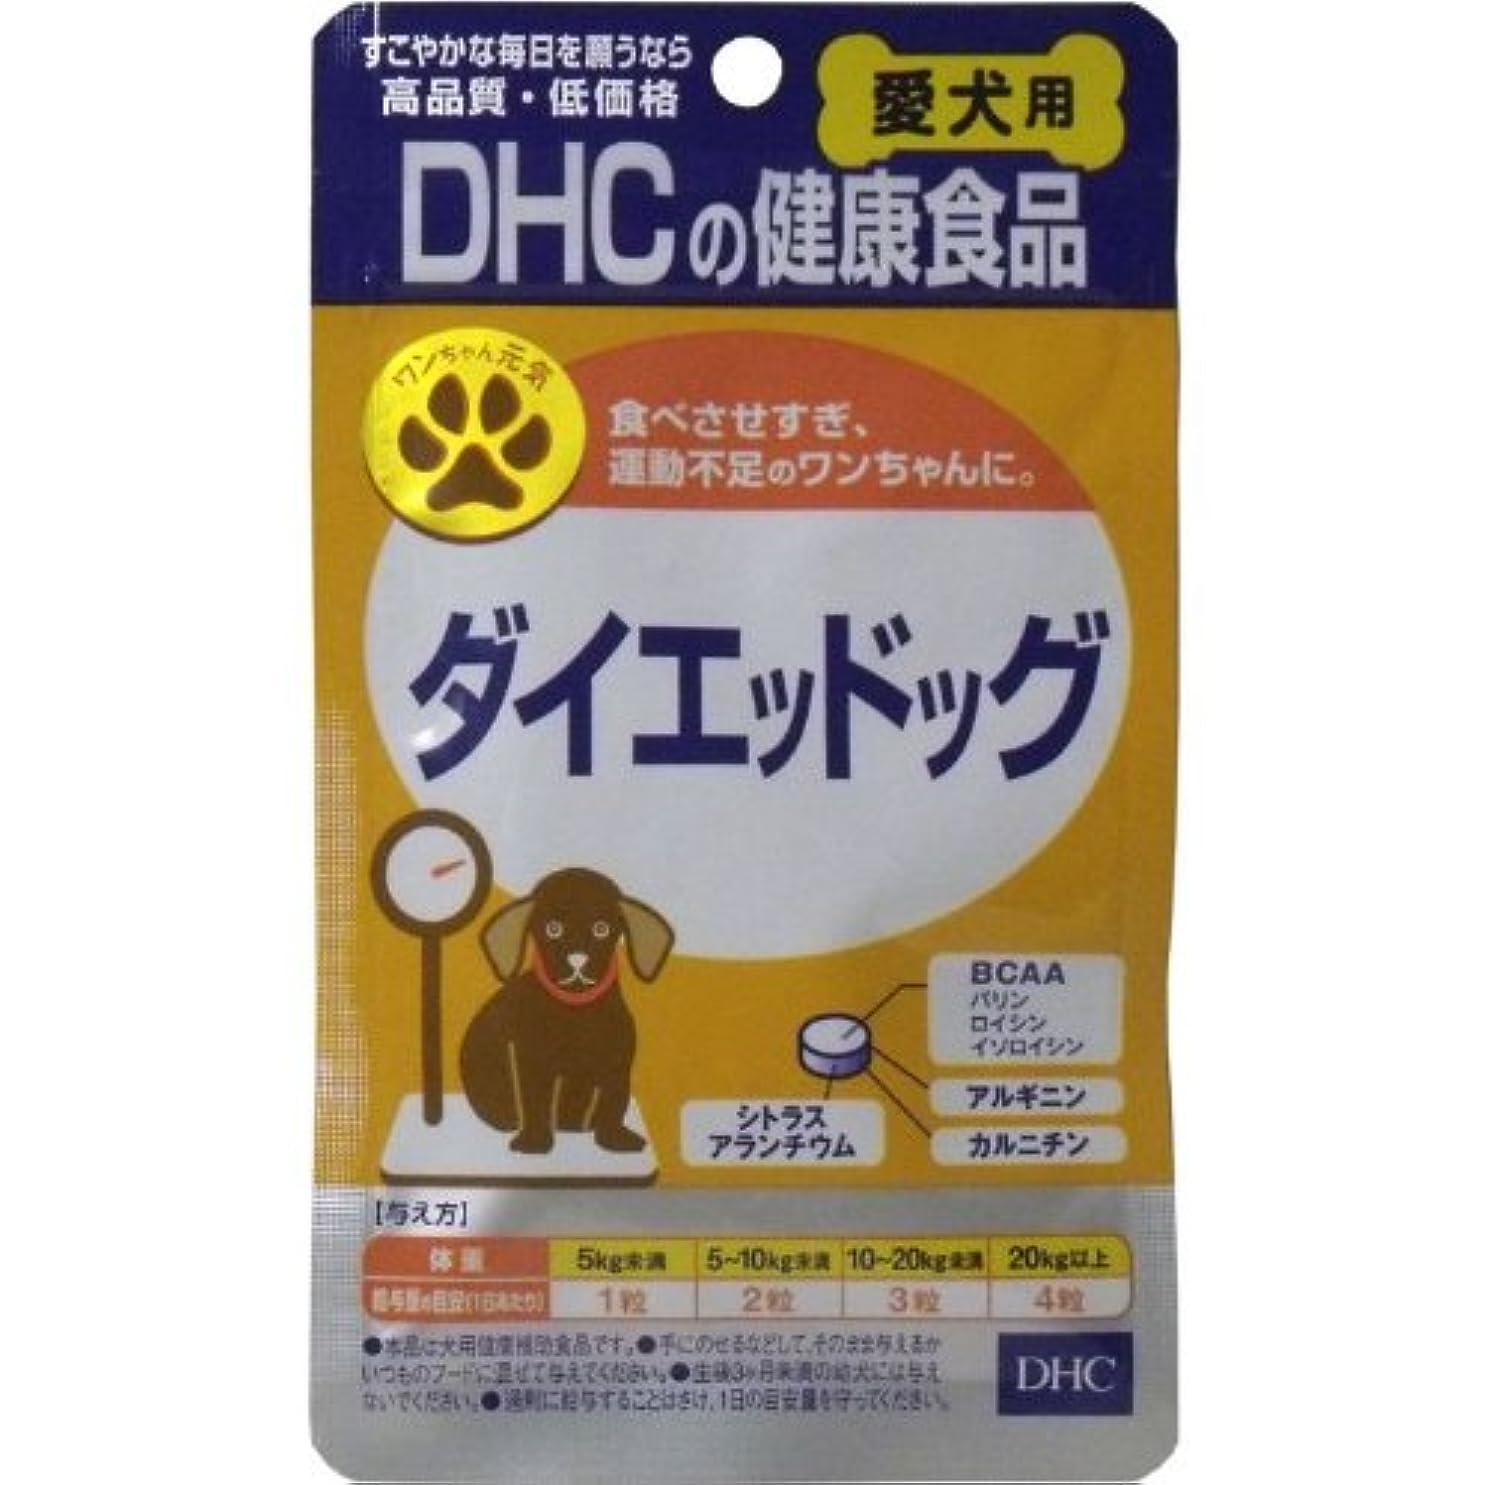 権威独創的バストペット用品 ペットサプリメント ダイエット 健康 食品 犬用